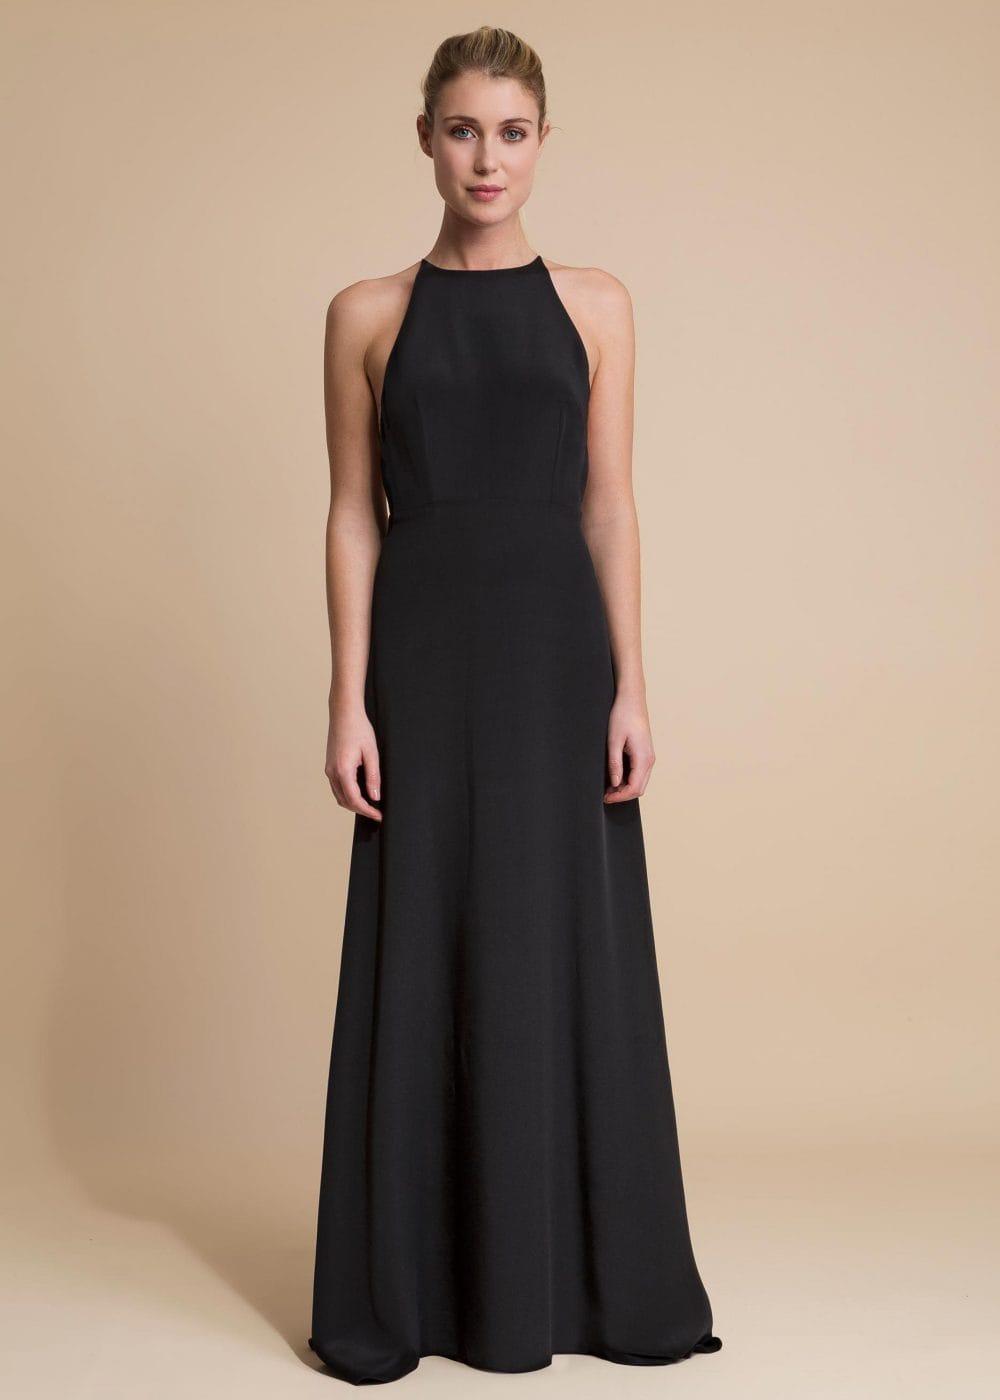 Edmond-robe-de-soiree-createur-paris-noire1